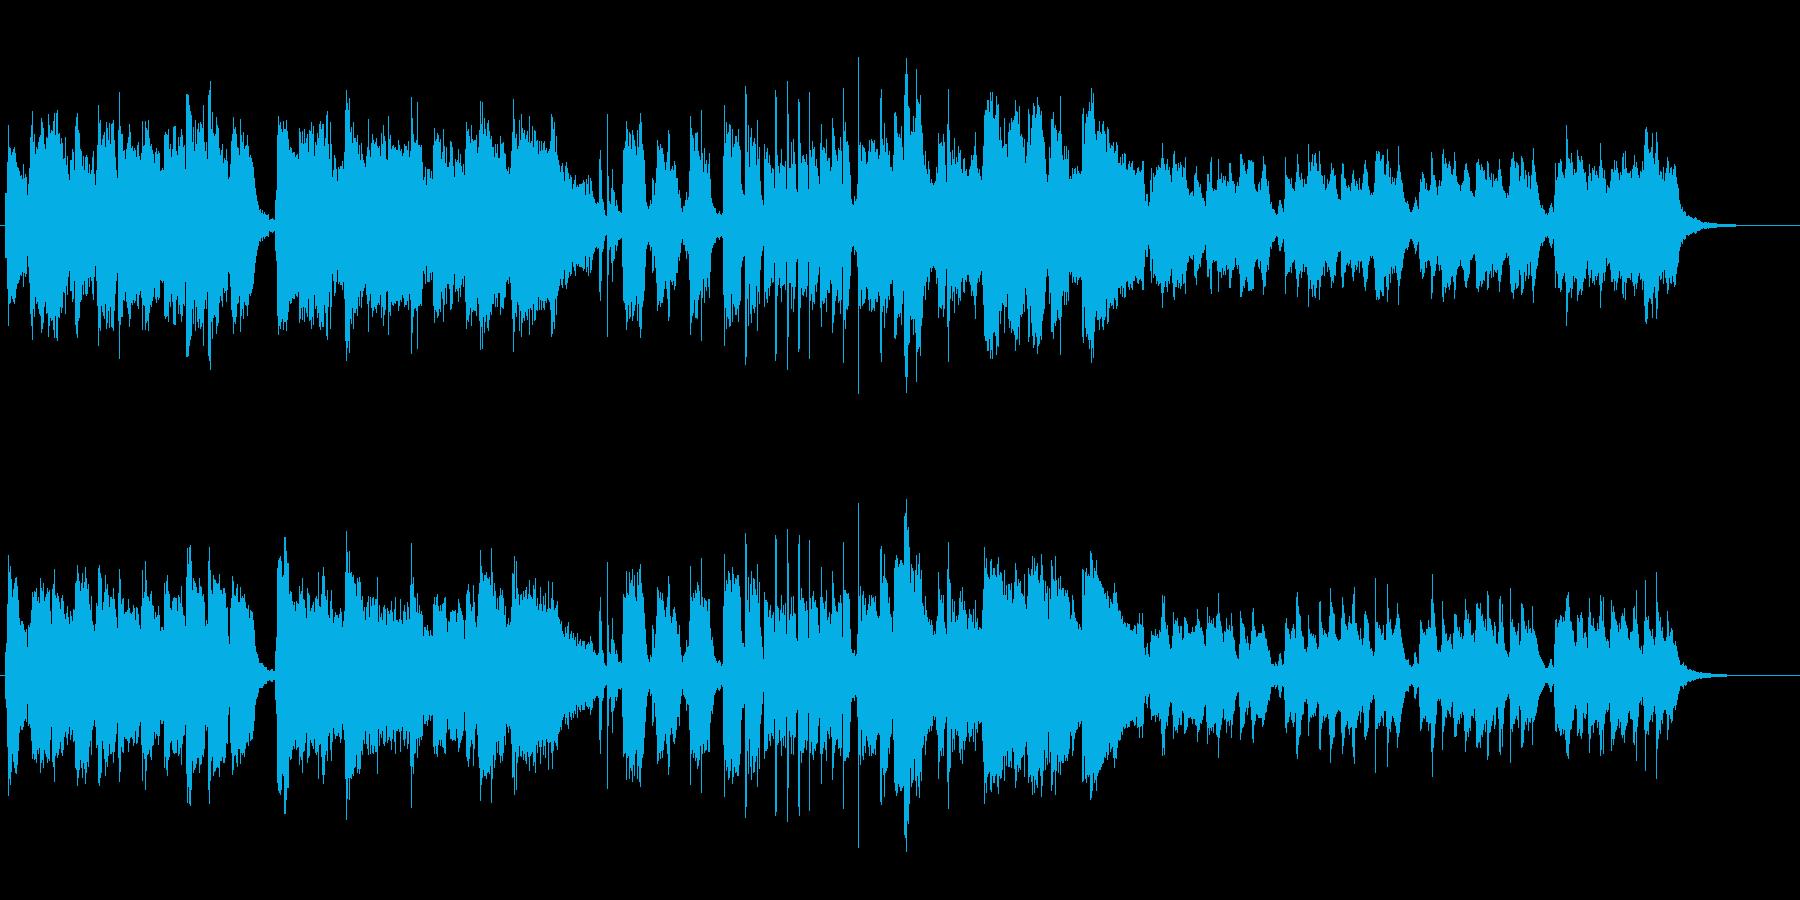 CM PV プレゼン疾走感おもしろジャズの再生済みの波形